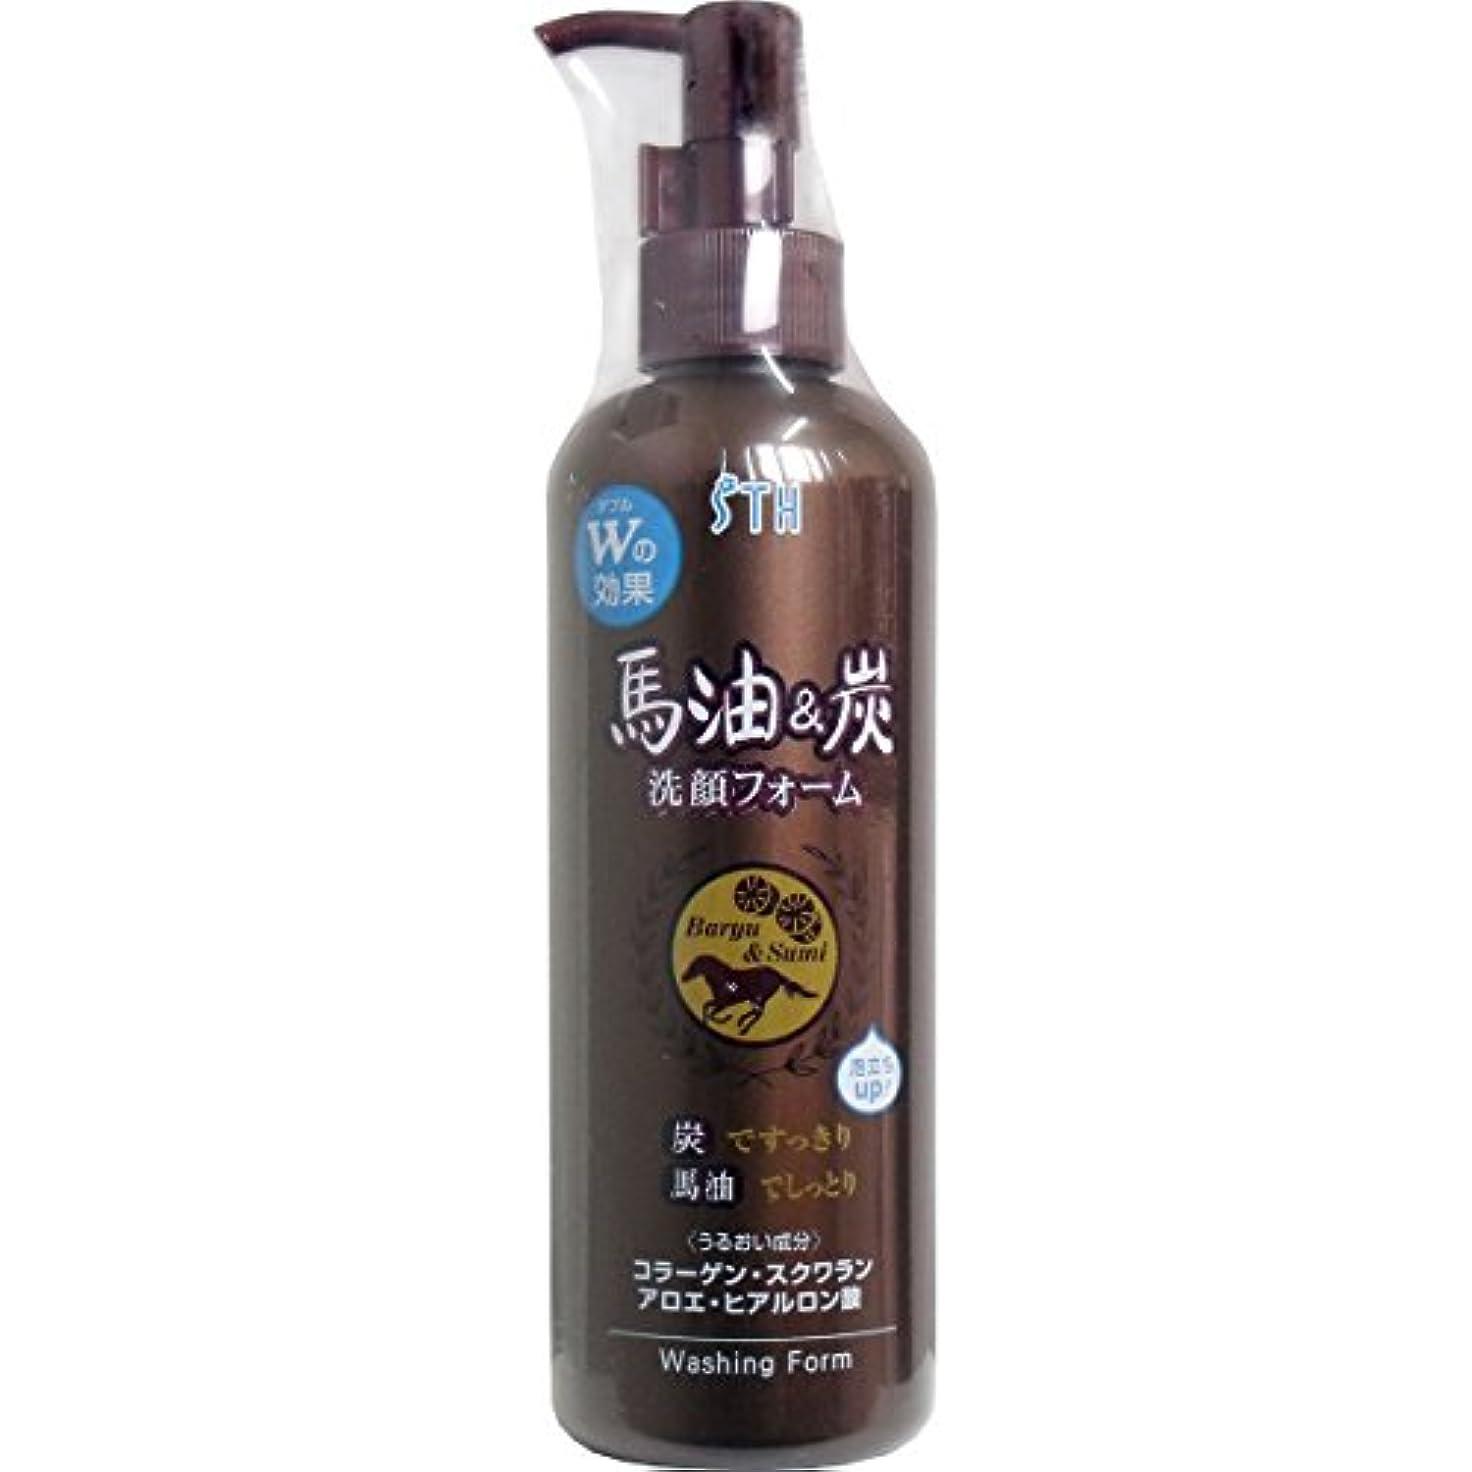 シャー子犬現れる馬油&炭 洗顔フォーム ポンプ 250ml 【2個セット】